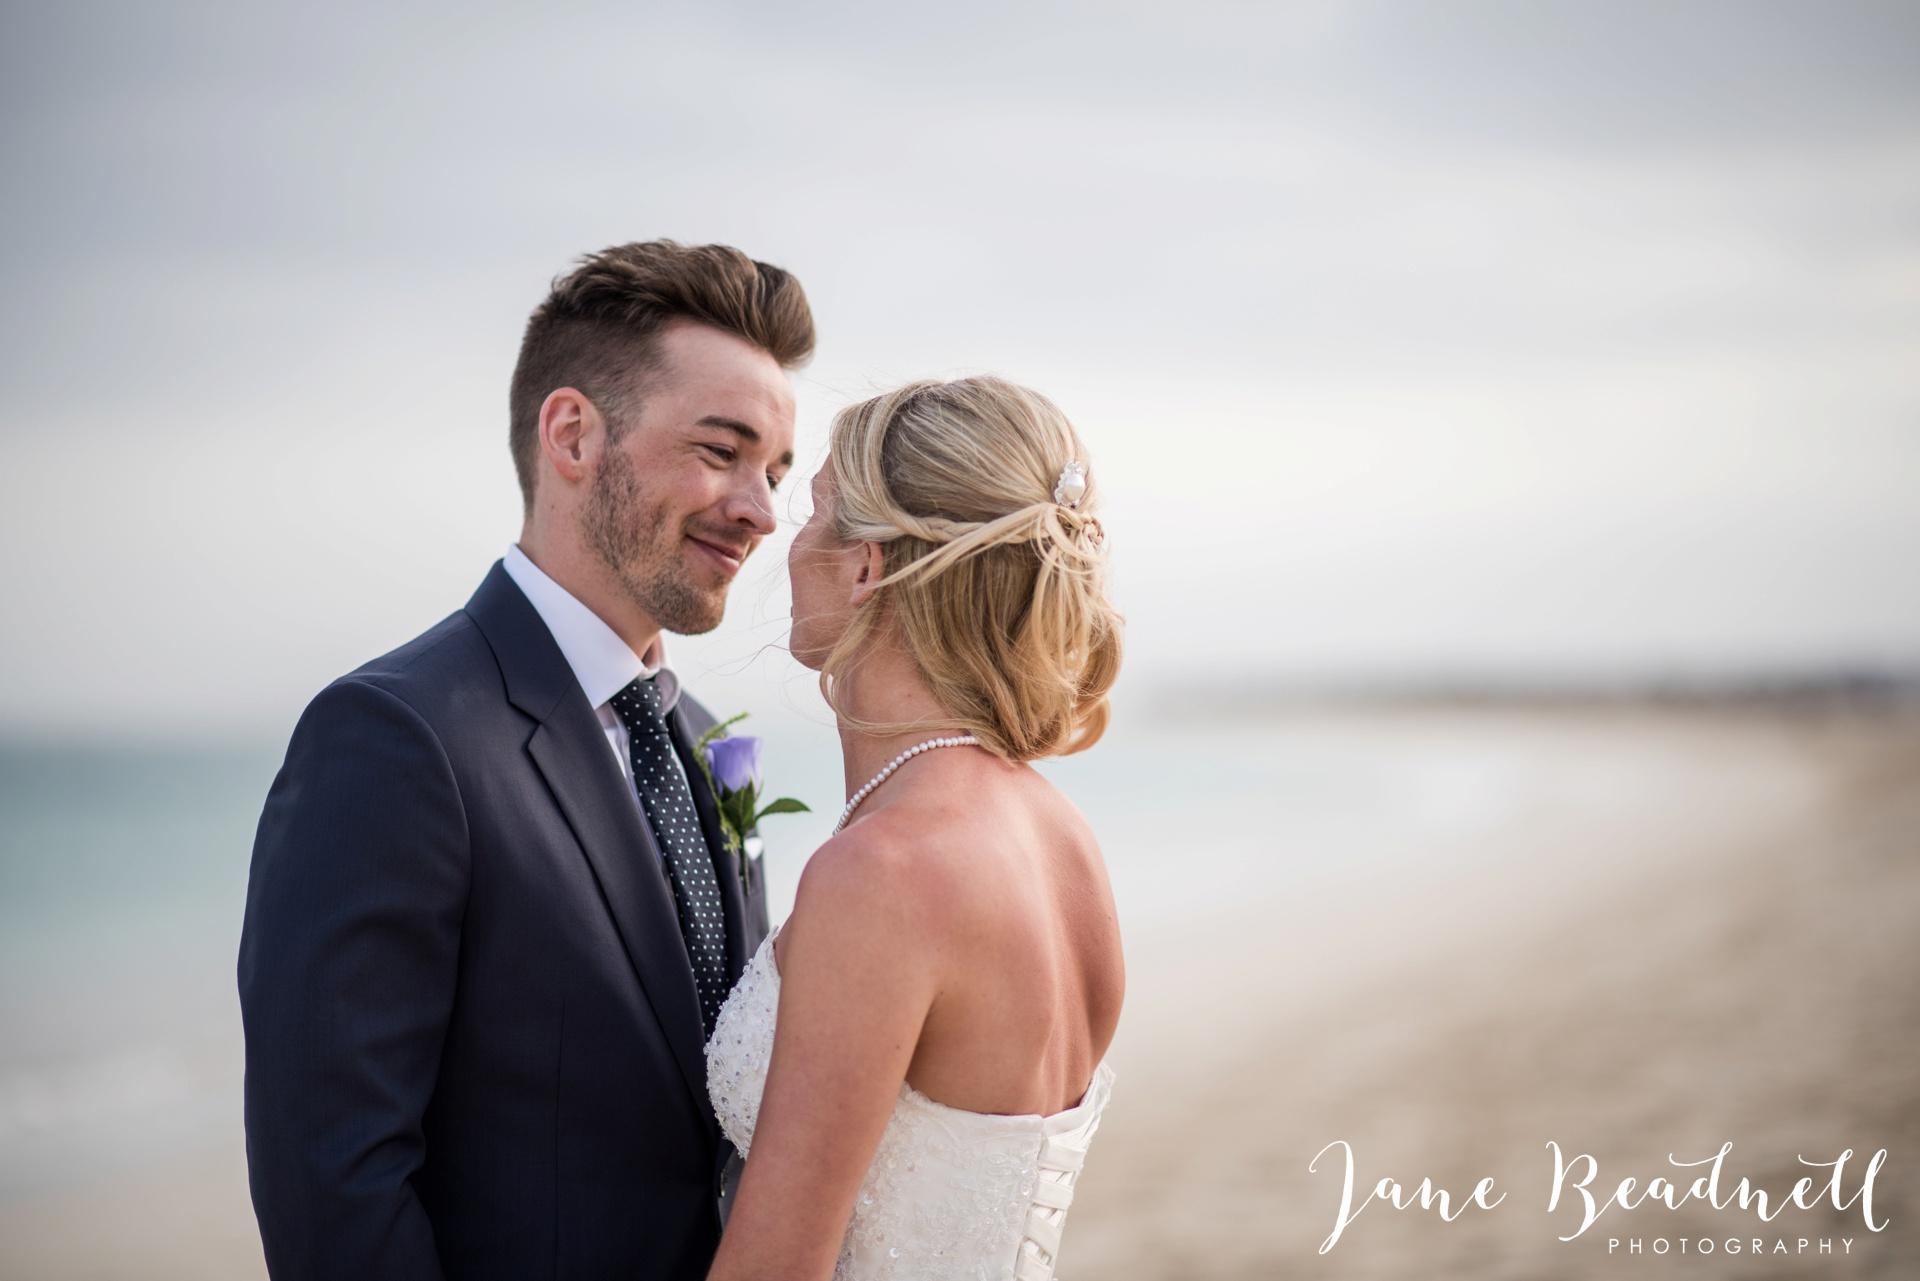 Jane Beadnell fine art wedding photographer Leeds Destination wedding photographer_0026